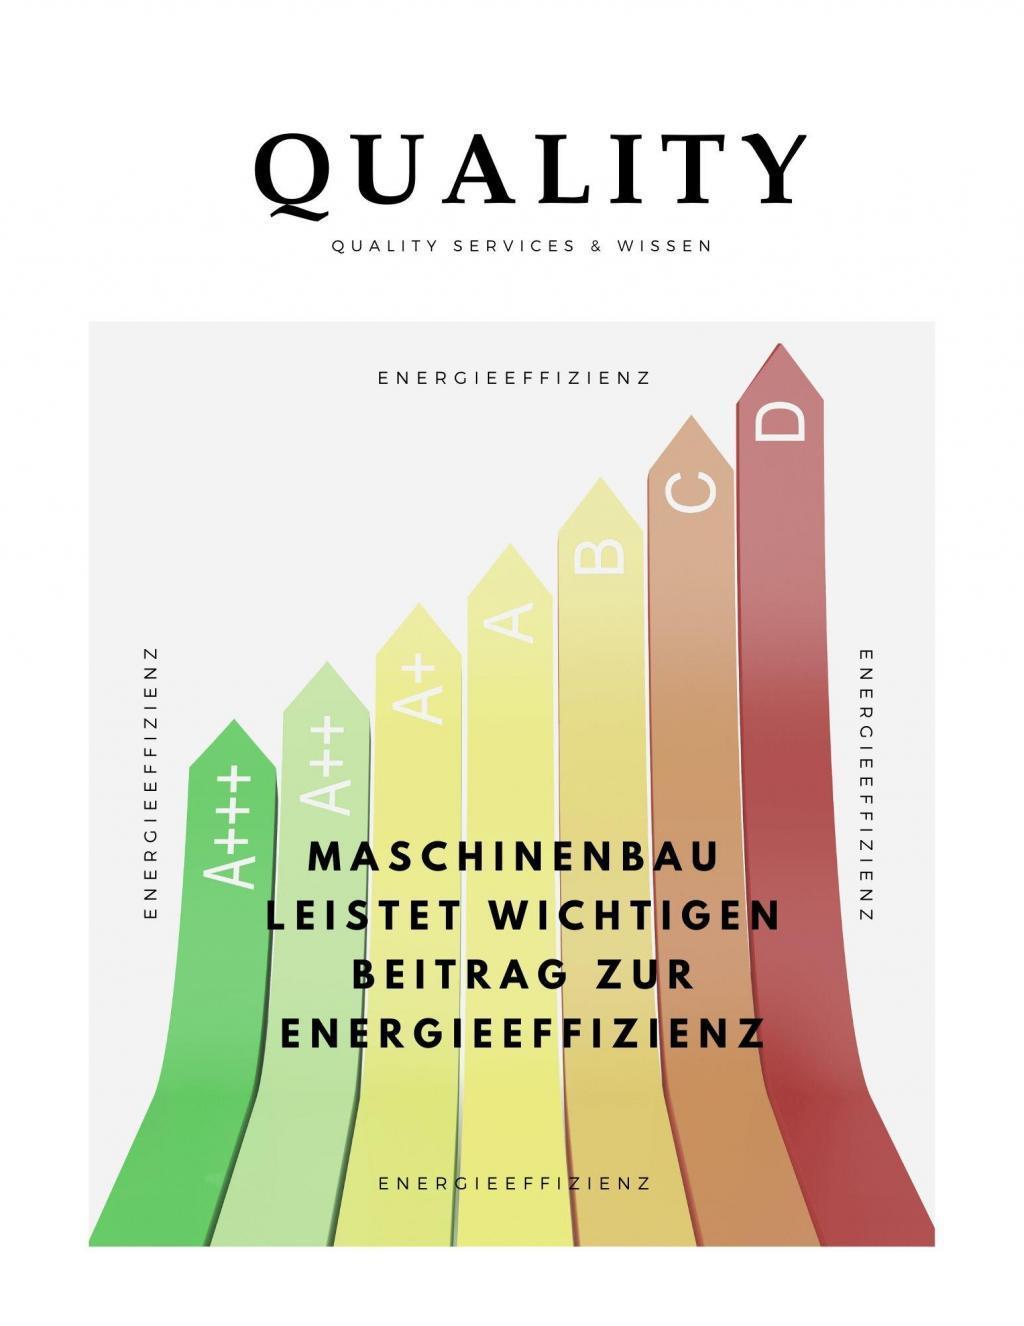 maschinenbau leistet wichtigen beitrag zur energieeffizienz